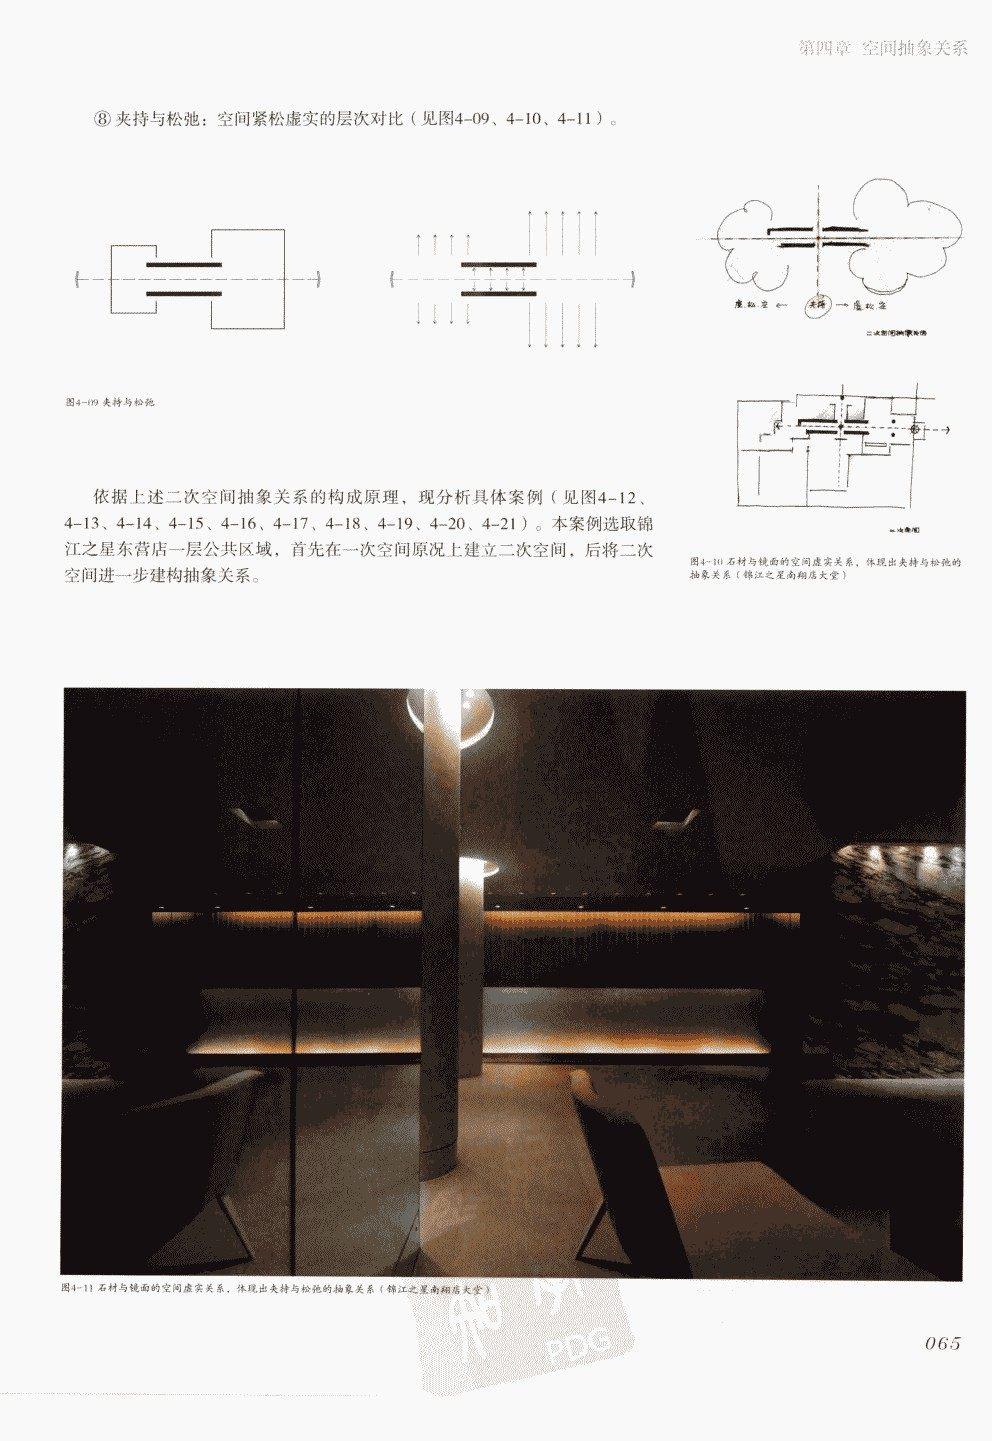 室内设计纲要++概念思考与过程表达_室内设计纲要  概念思考与过程表达_1297982..._页面_073.jpg